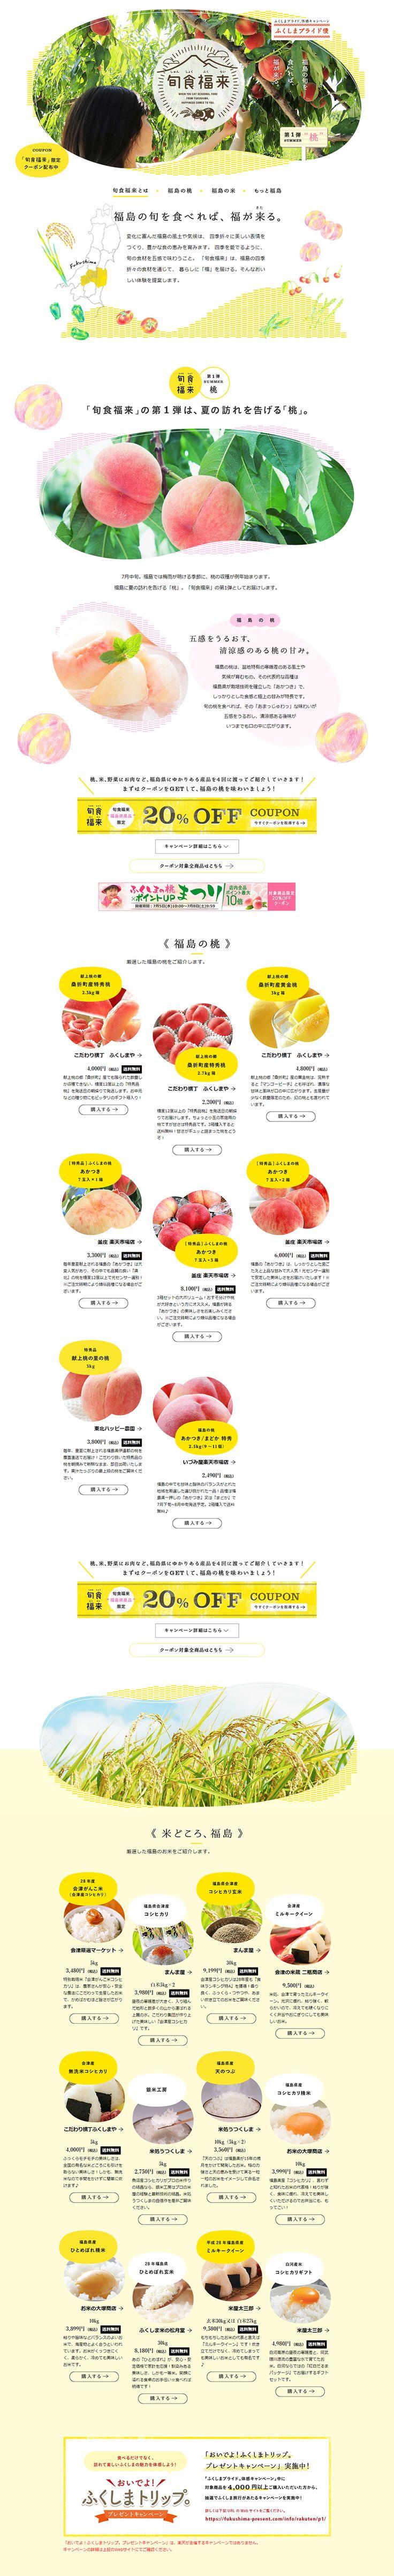 旬食福来 WEBデザイナーさん必見!ランディングページのデザイン参考に(シンプル系)